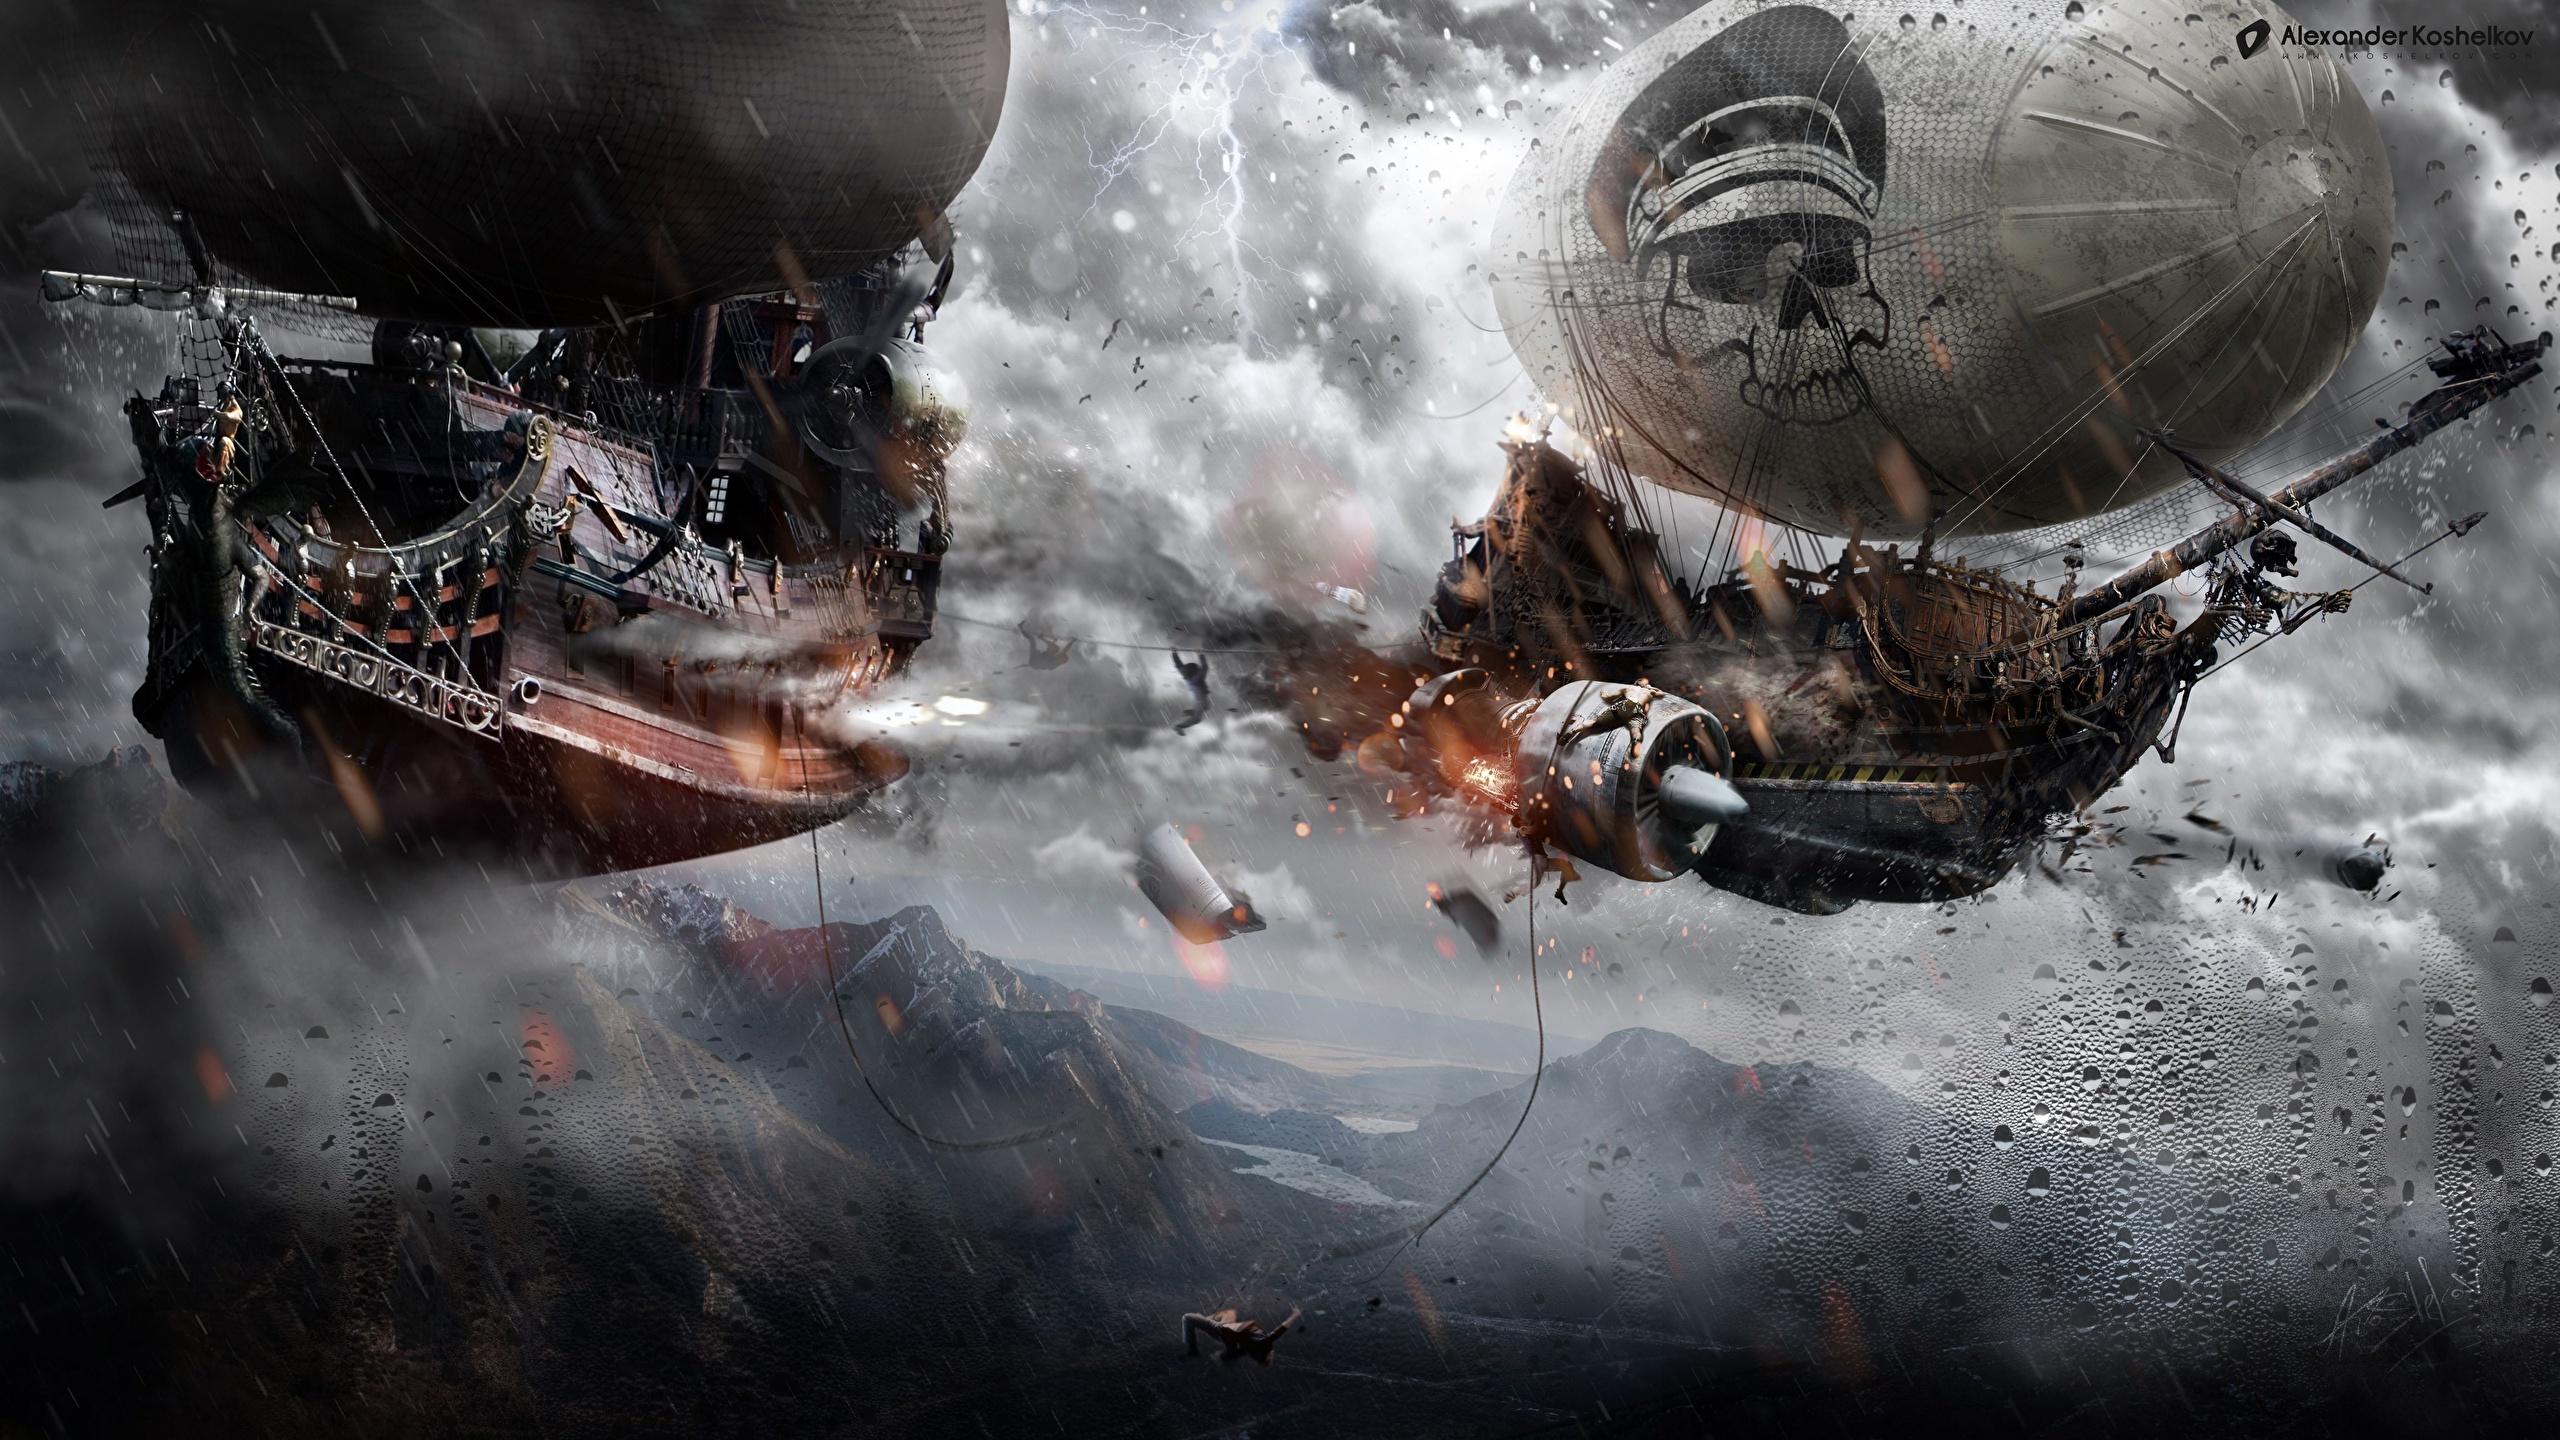 壁紙 2560x1440 スチームパンク 船 戦闘 飛翔 ファンタジー ダウンロード 写真